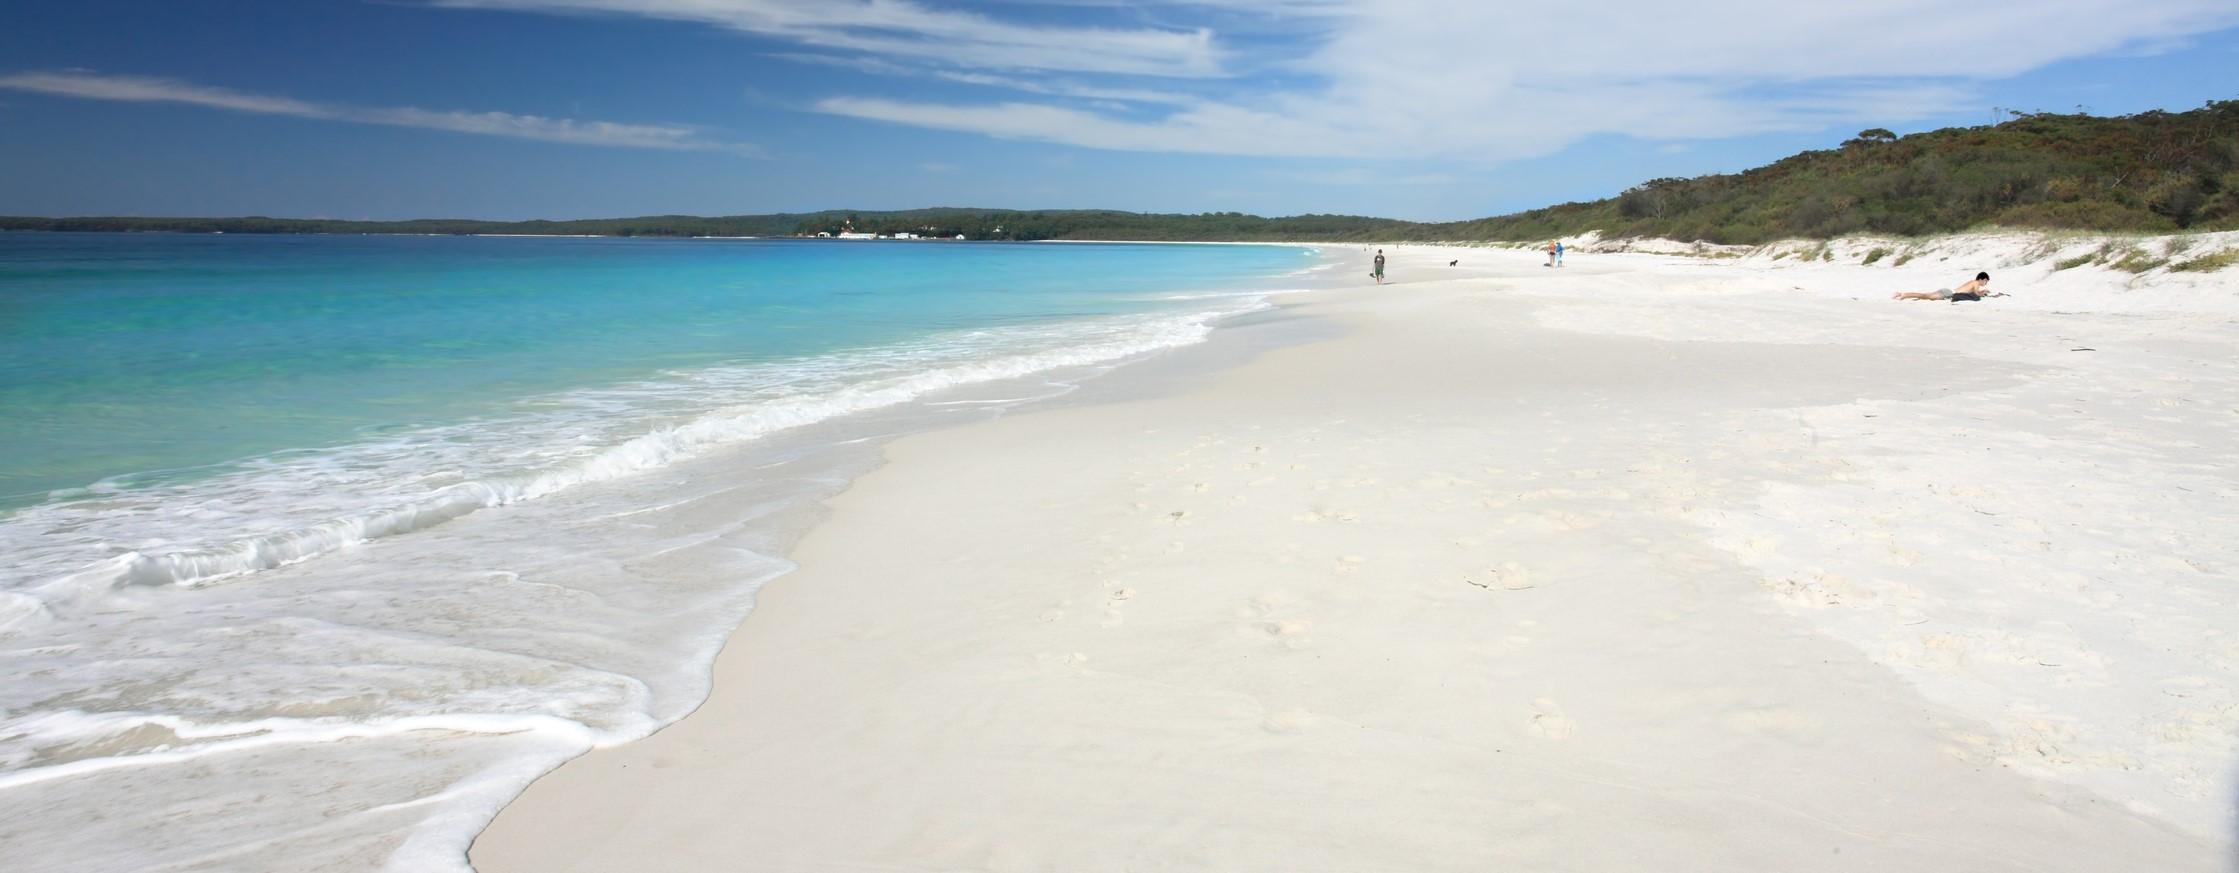 Hyams Beach, playa blanca